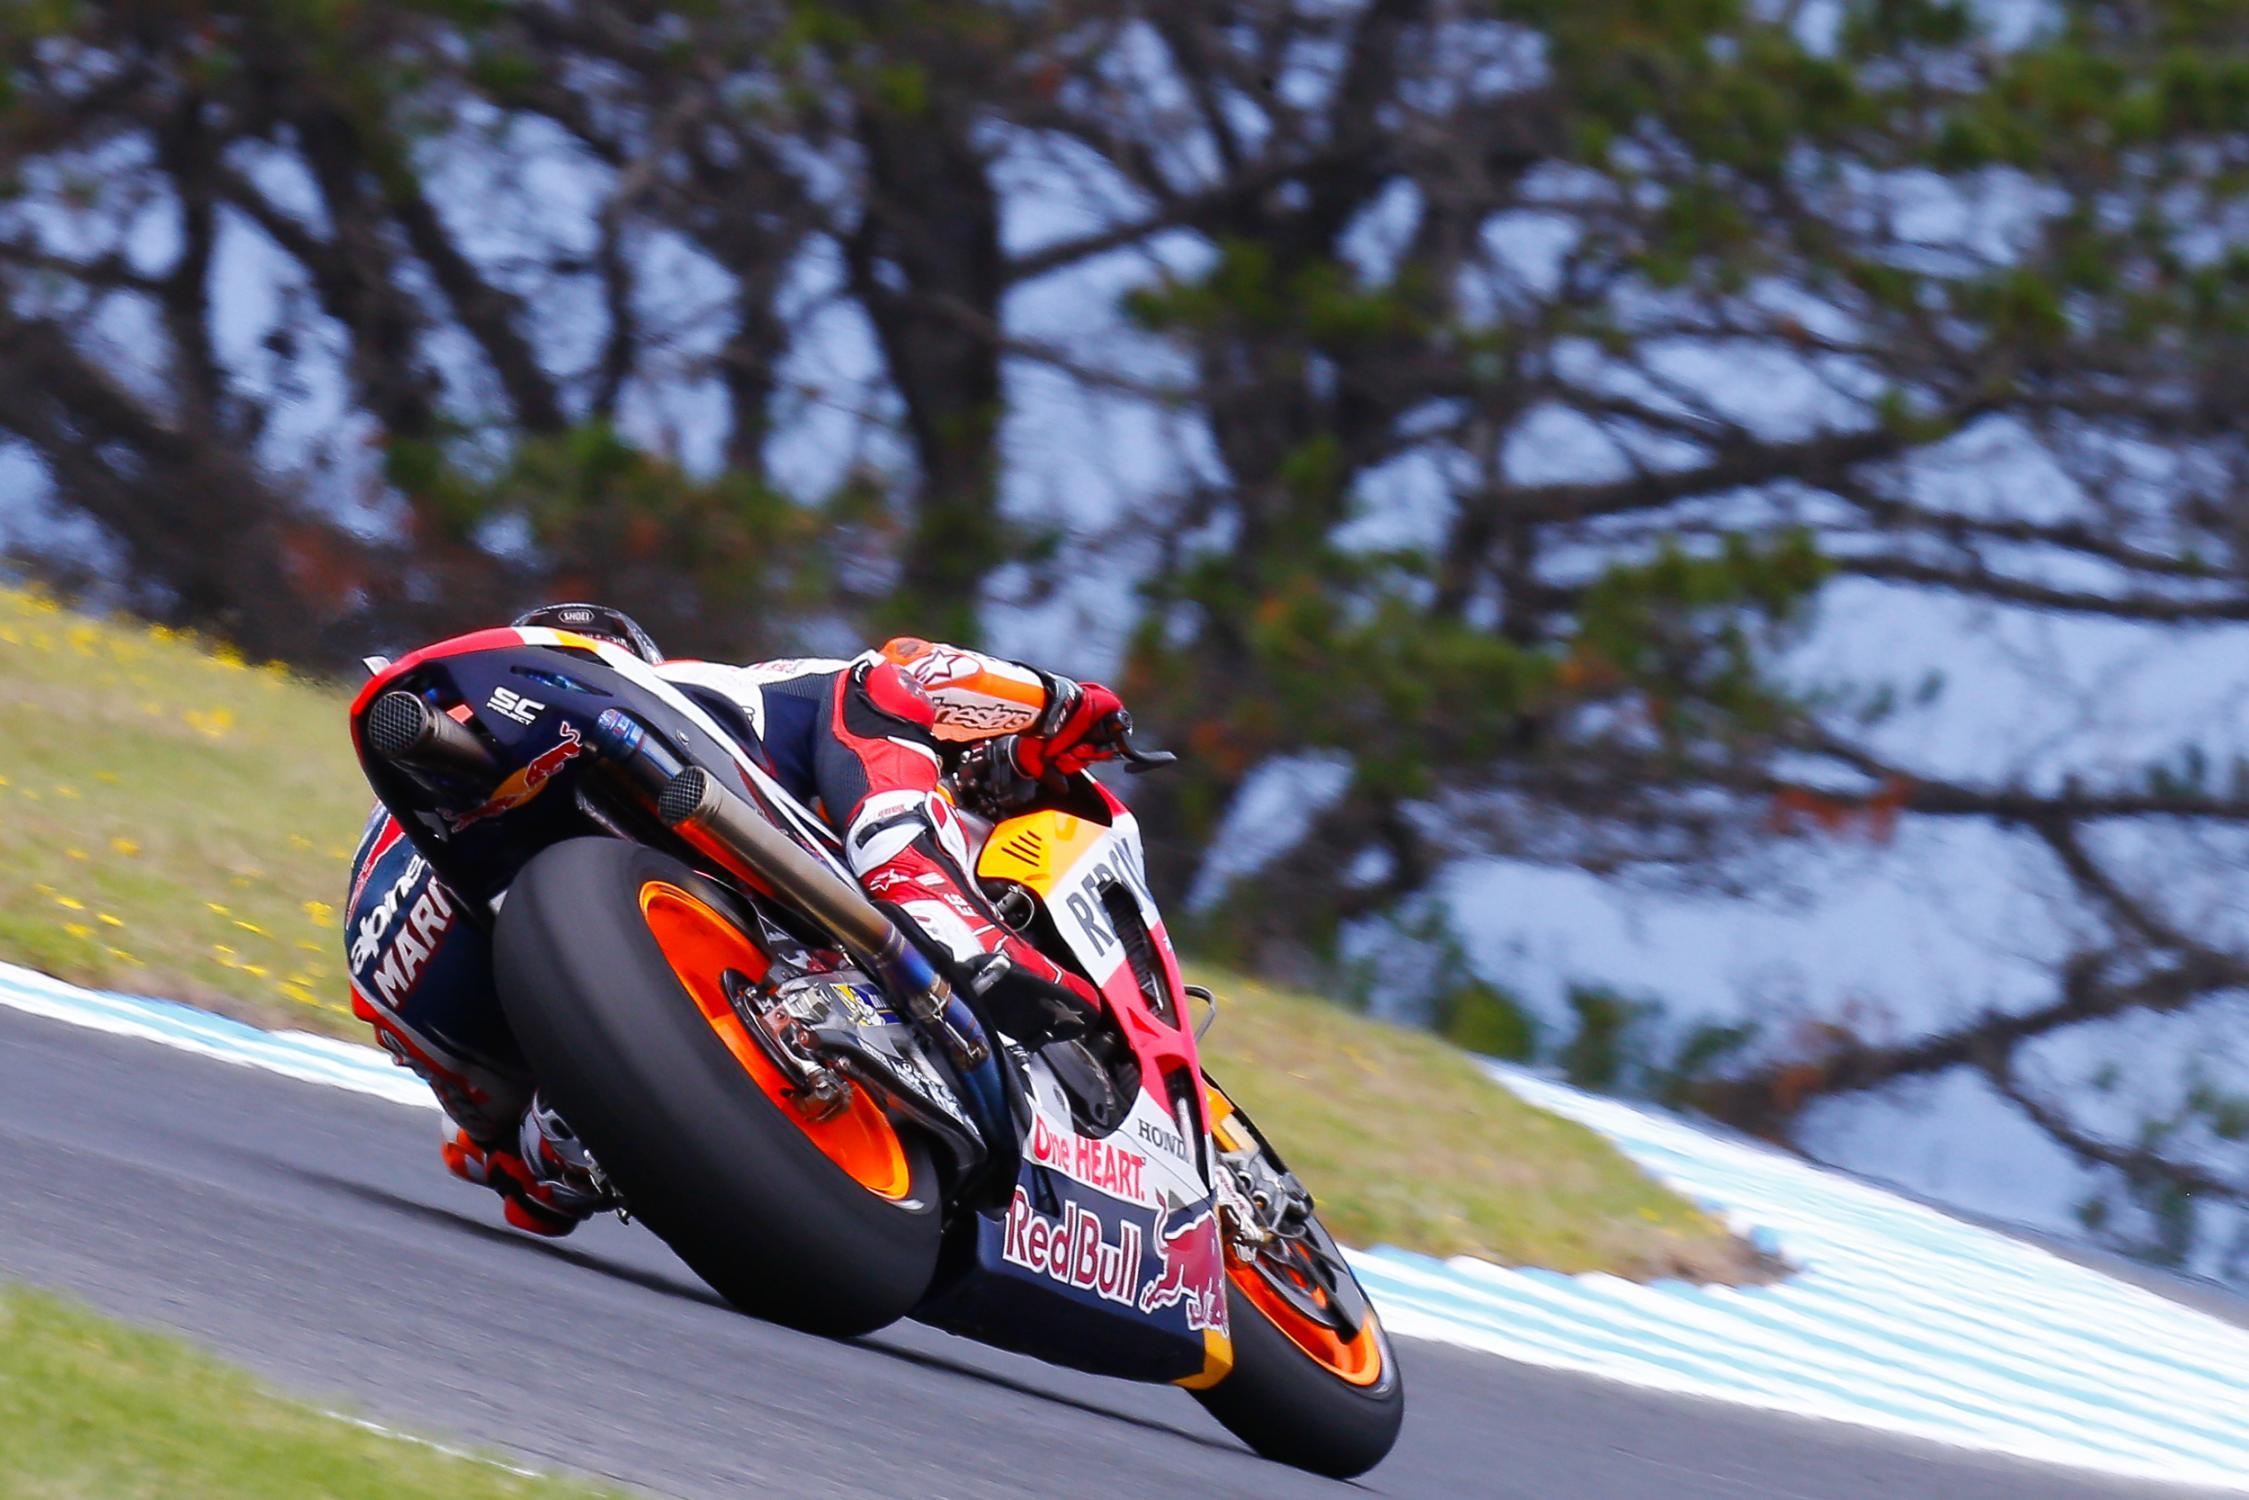 [MotoGP] Test Phillip Island 93-marc-marquez-esp-2017-action-australia-motogp-phillip-island-pre-season-test08269_r1_action.gallery_full_top_fullscreen